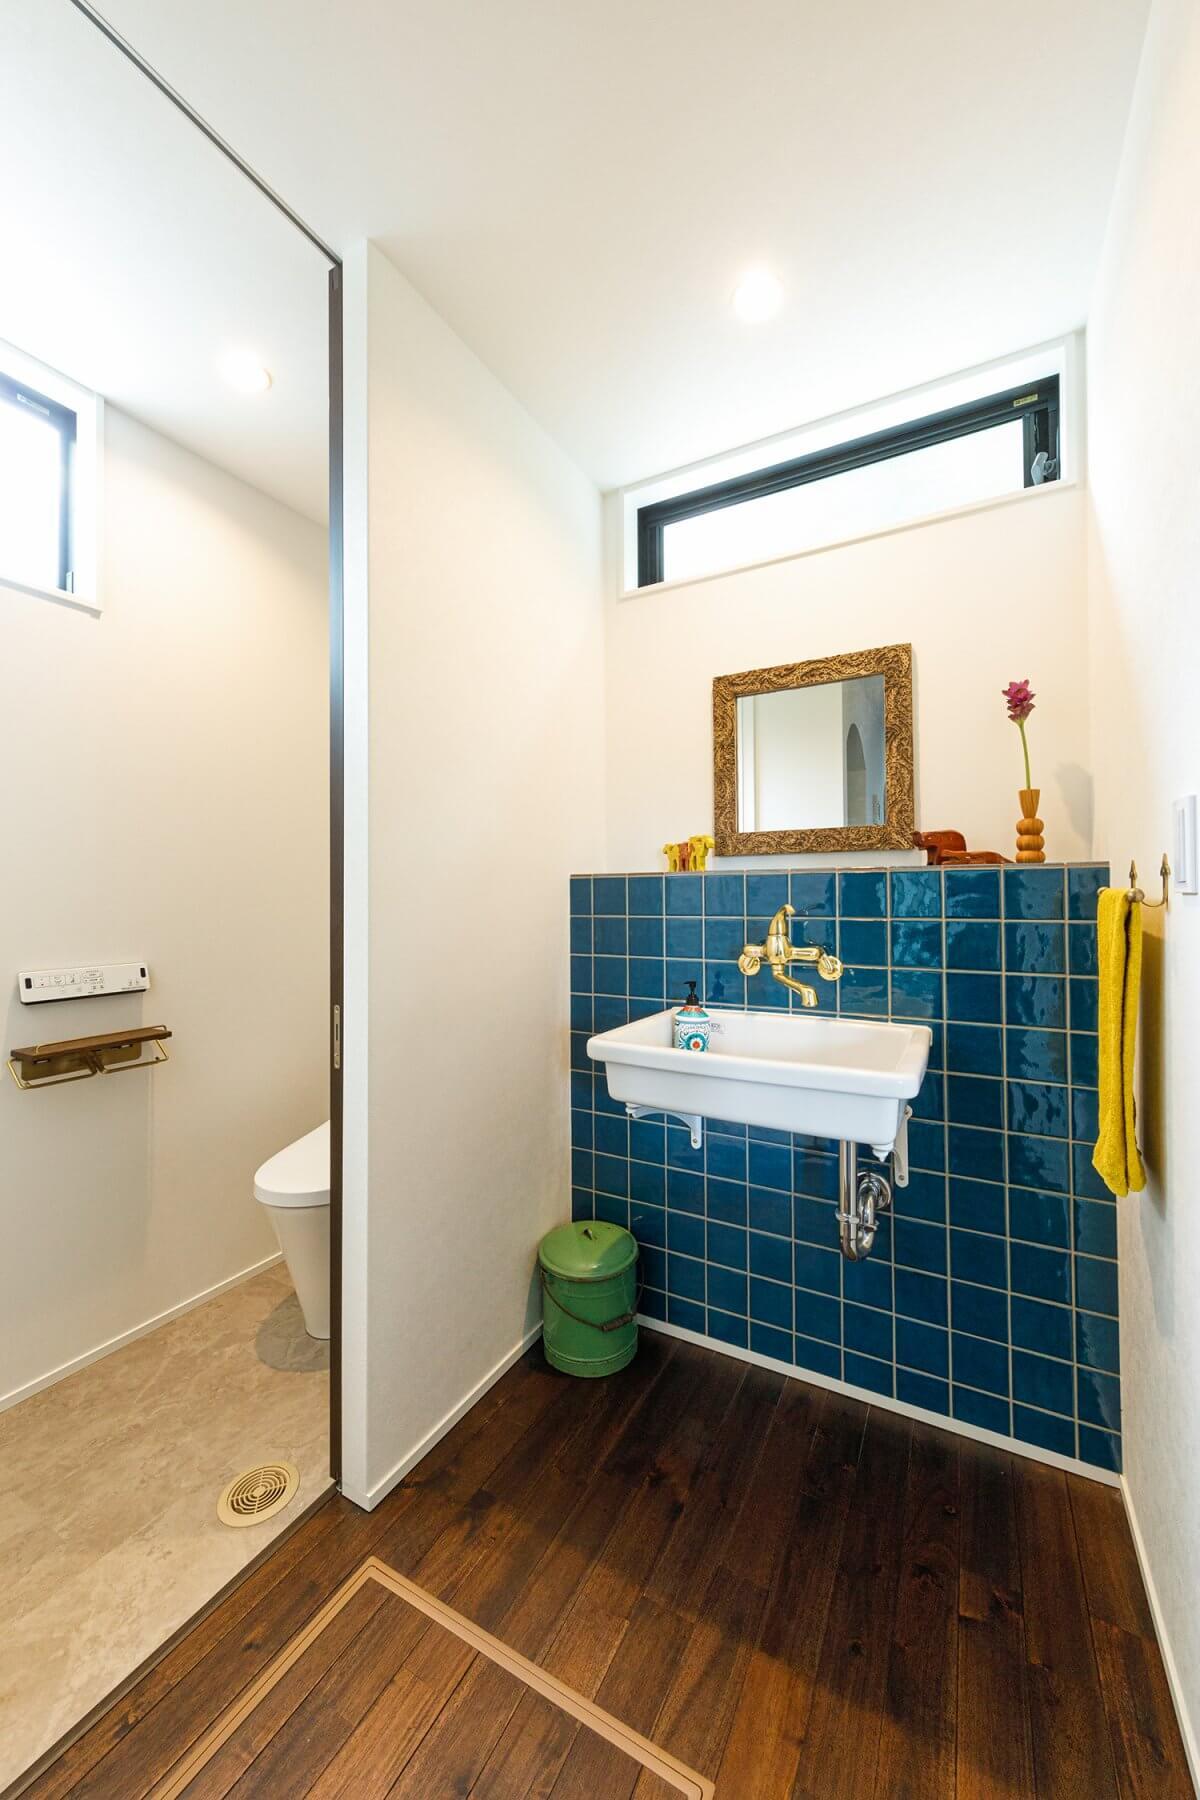 トイレの脇で玄関からも行きやすい場所に、造作の手洗いコーナーを設置。ターコイズブルーのタイルやゴールド色の水栓など、奥様こだわりのデザインがとてもセンス良くコーディネートされています。